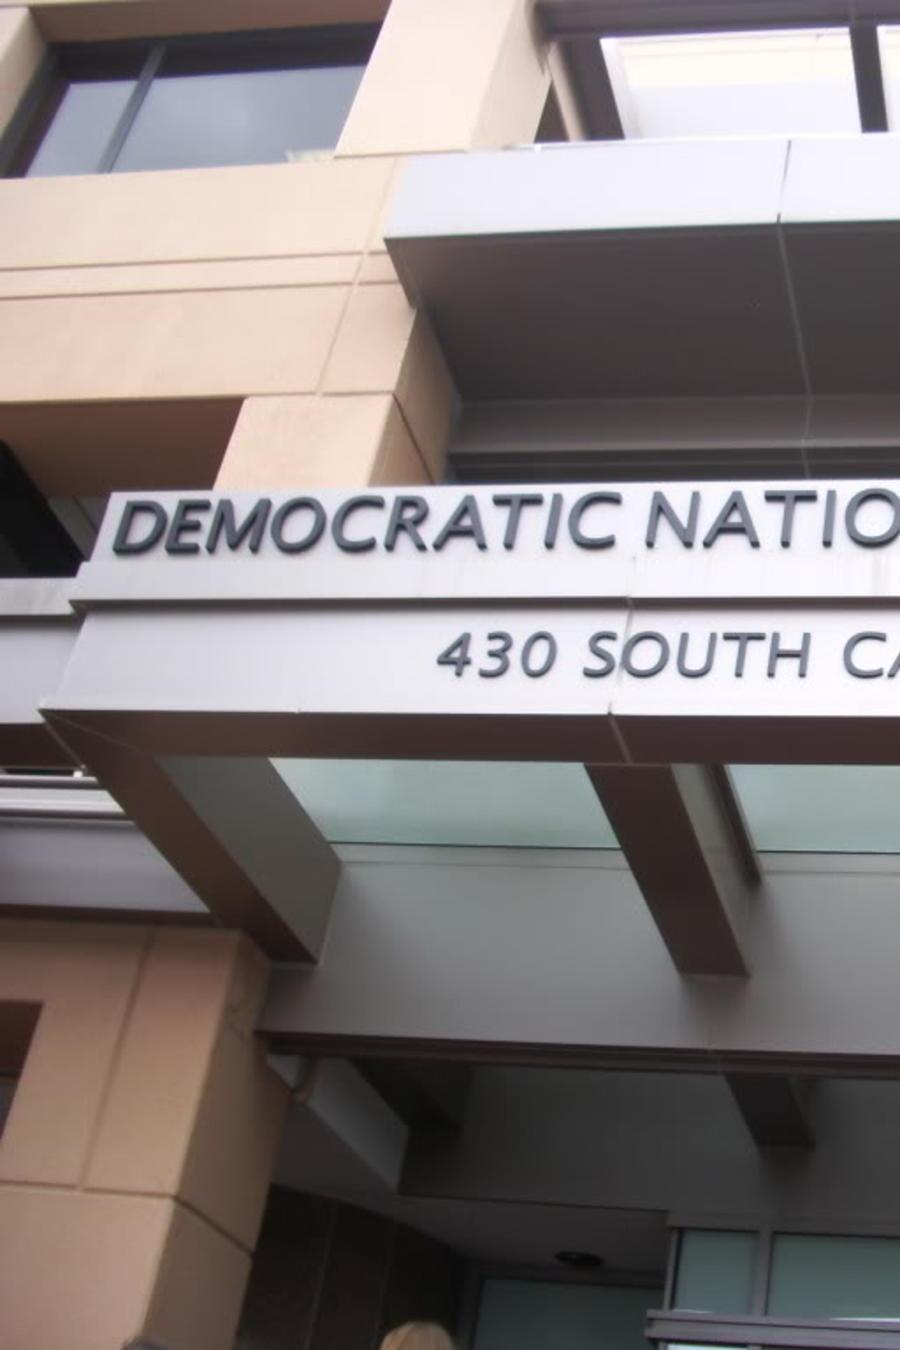 La sede del Comité Nacional Demócrata